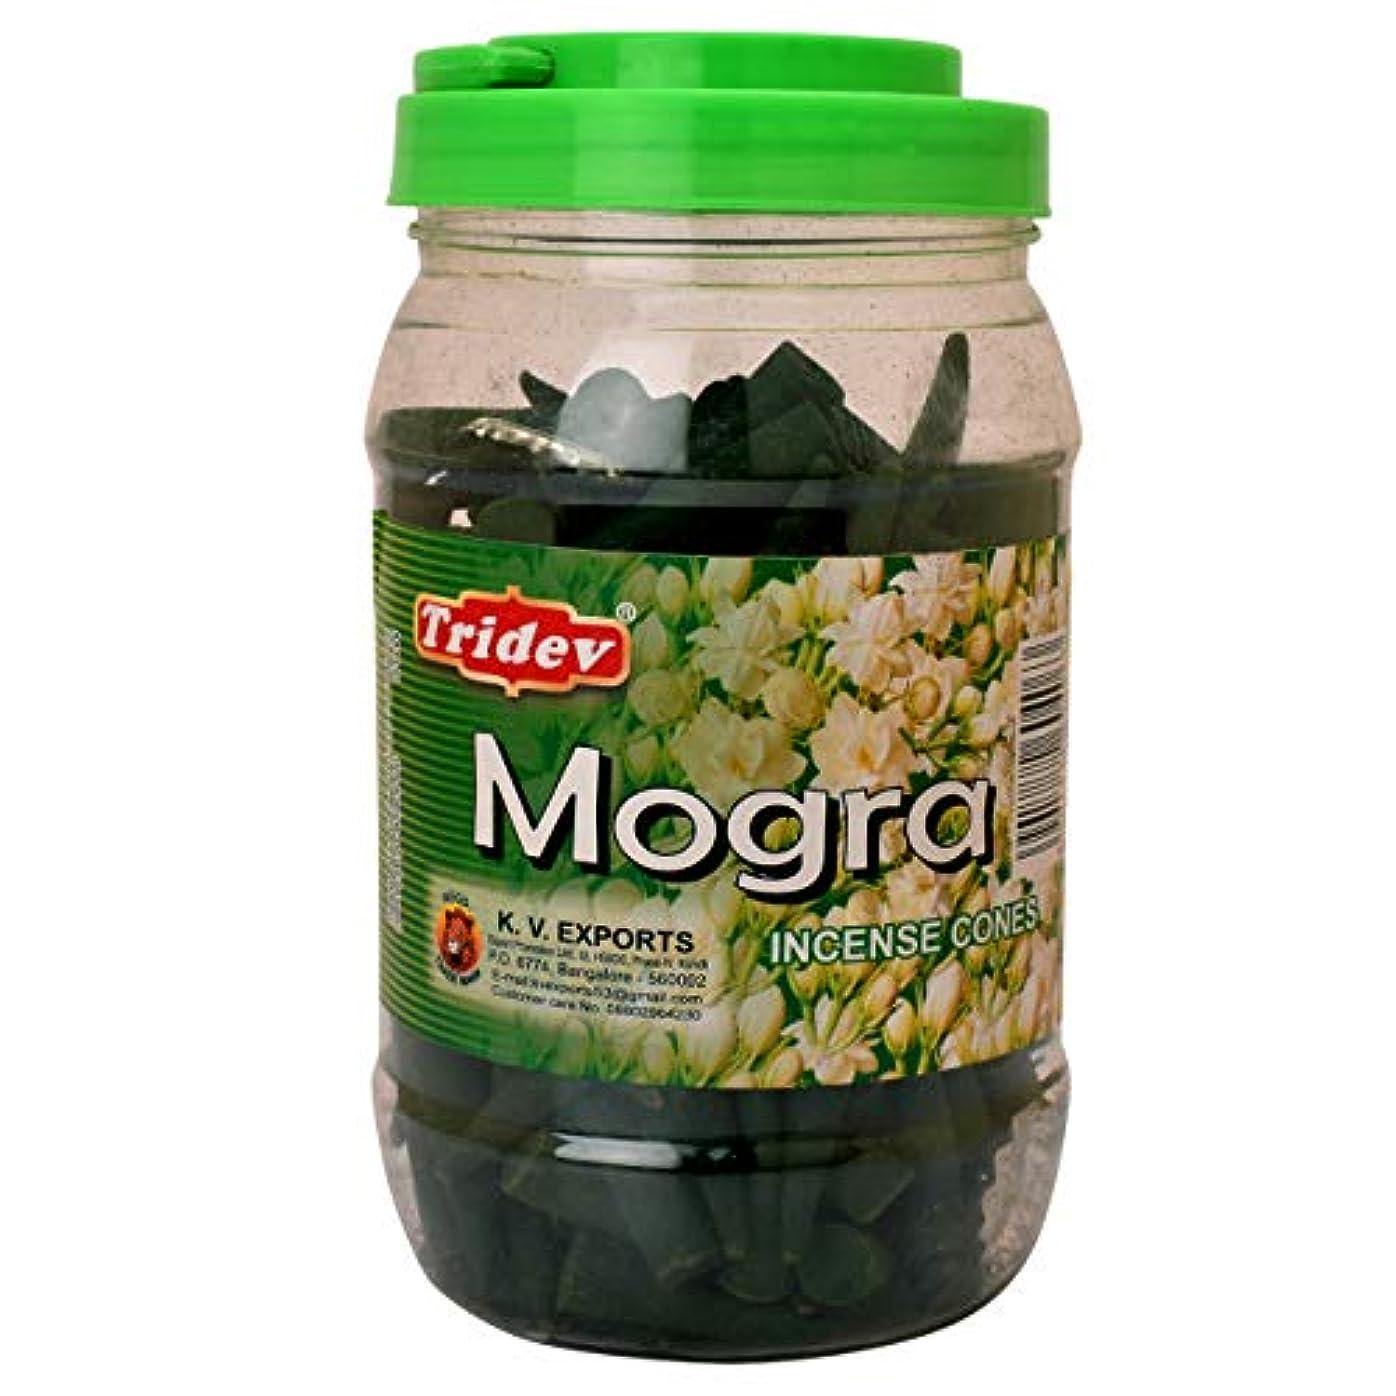 弱まる胚ガジュマルTridev Mogra フレグランス コーン型お香 500グラム 瓶 輸出品質